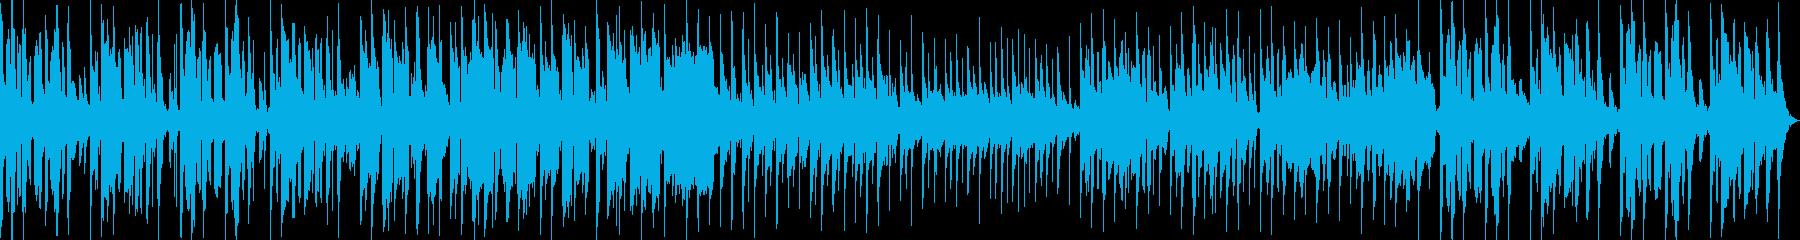 ペット・犬・猫・可愛いイメージの再生済みの波形